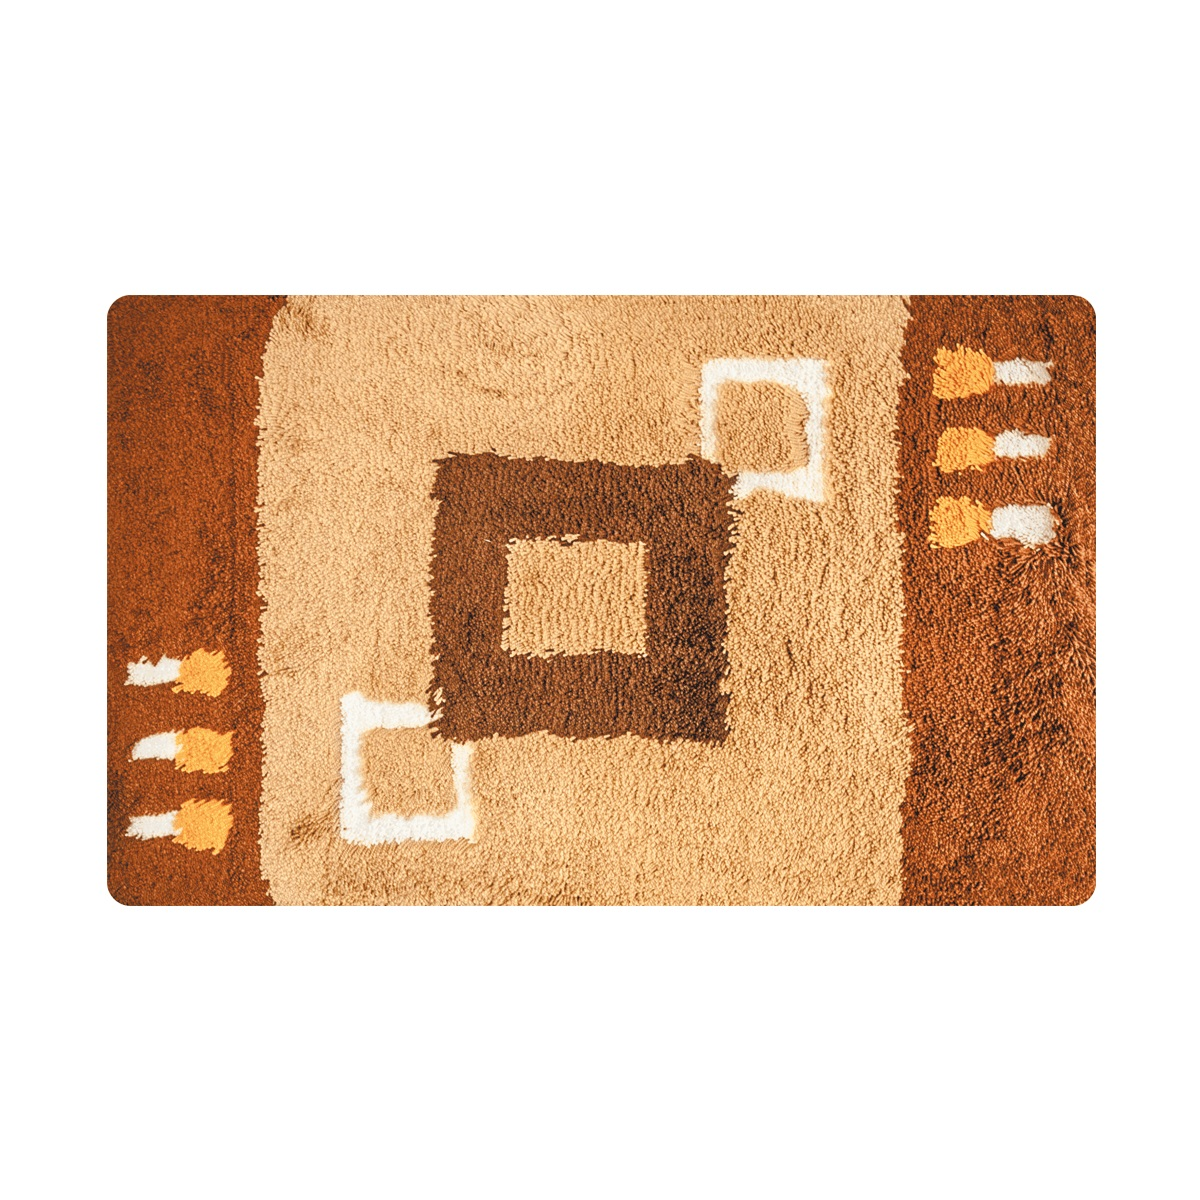 Коврик для ванной Iddis Corfu, цвет: коричневый, 50 х 80 смMID020Aматериал: 100% акрил, высота ворса от 1,5 до 2,5 см., латексная основа, упаковка ПП пакет